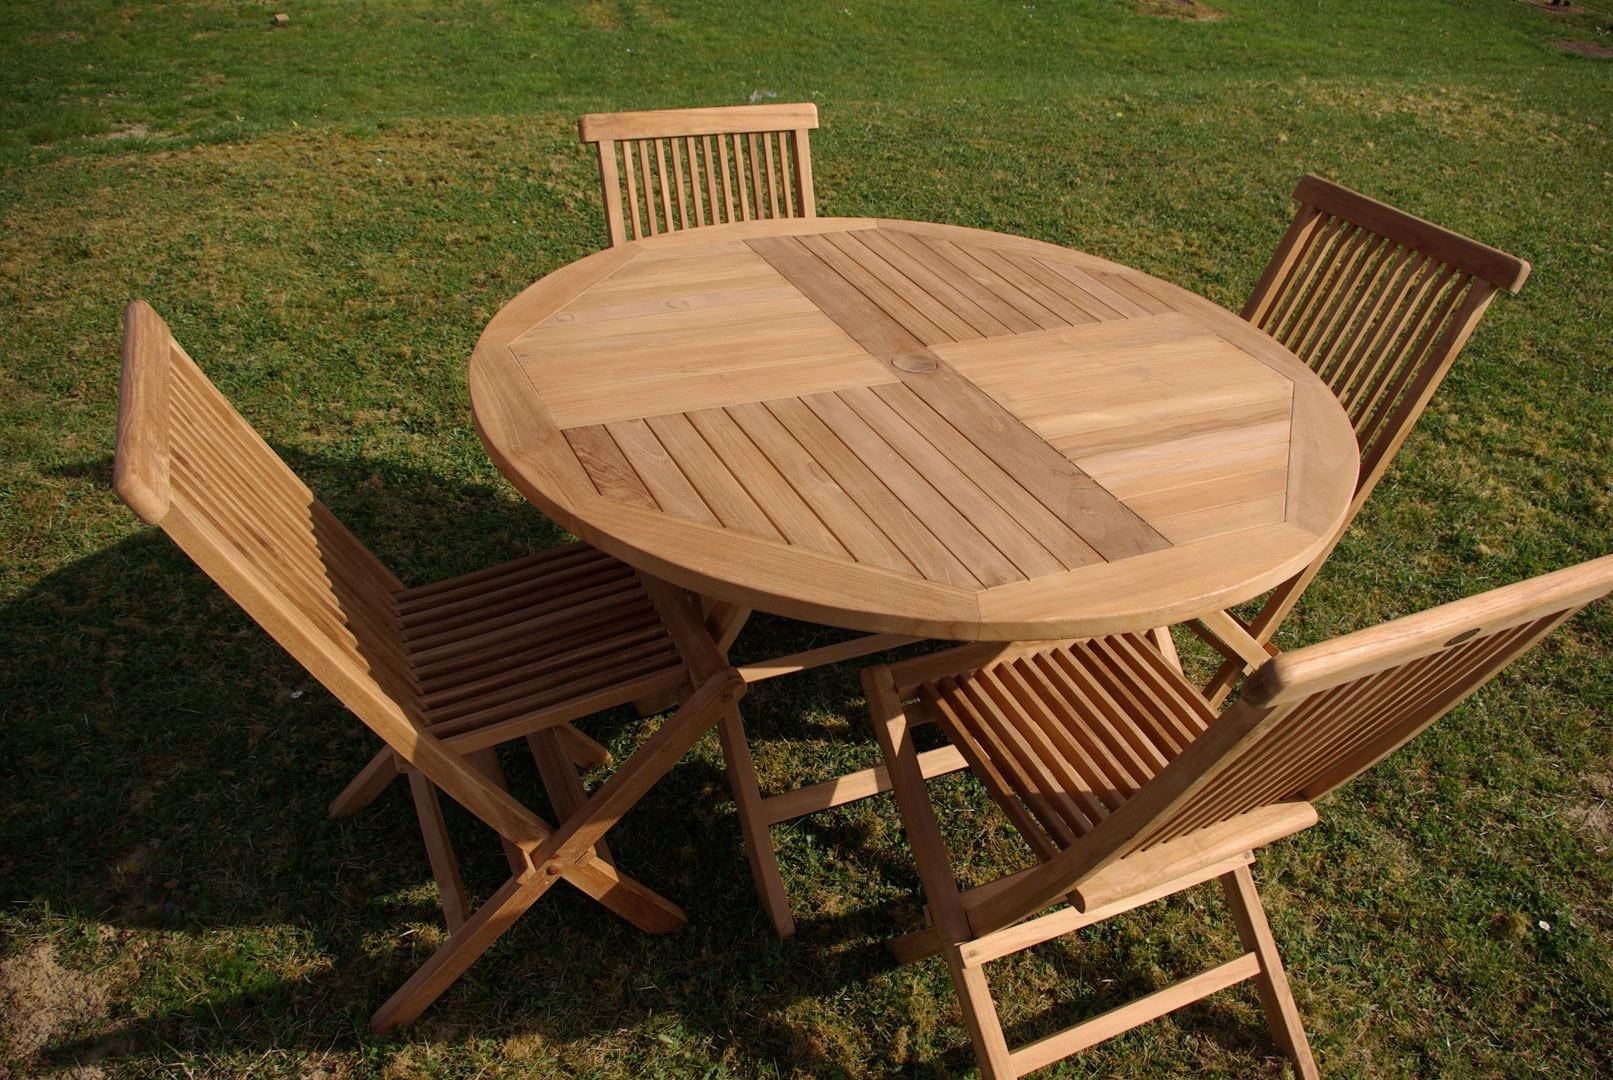 Table de jardin en teck soldes - Mailleraye.fr jardin